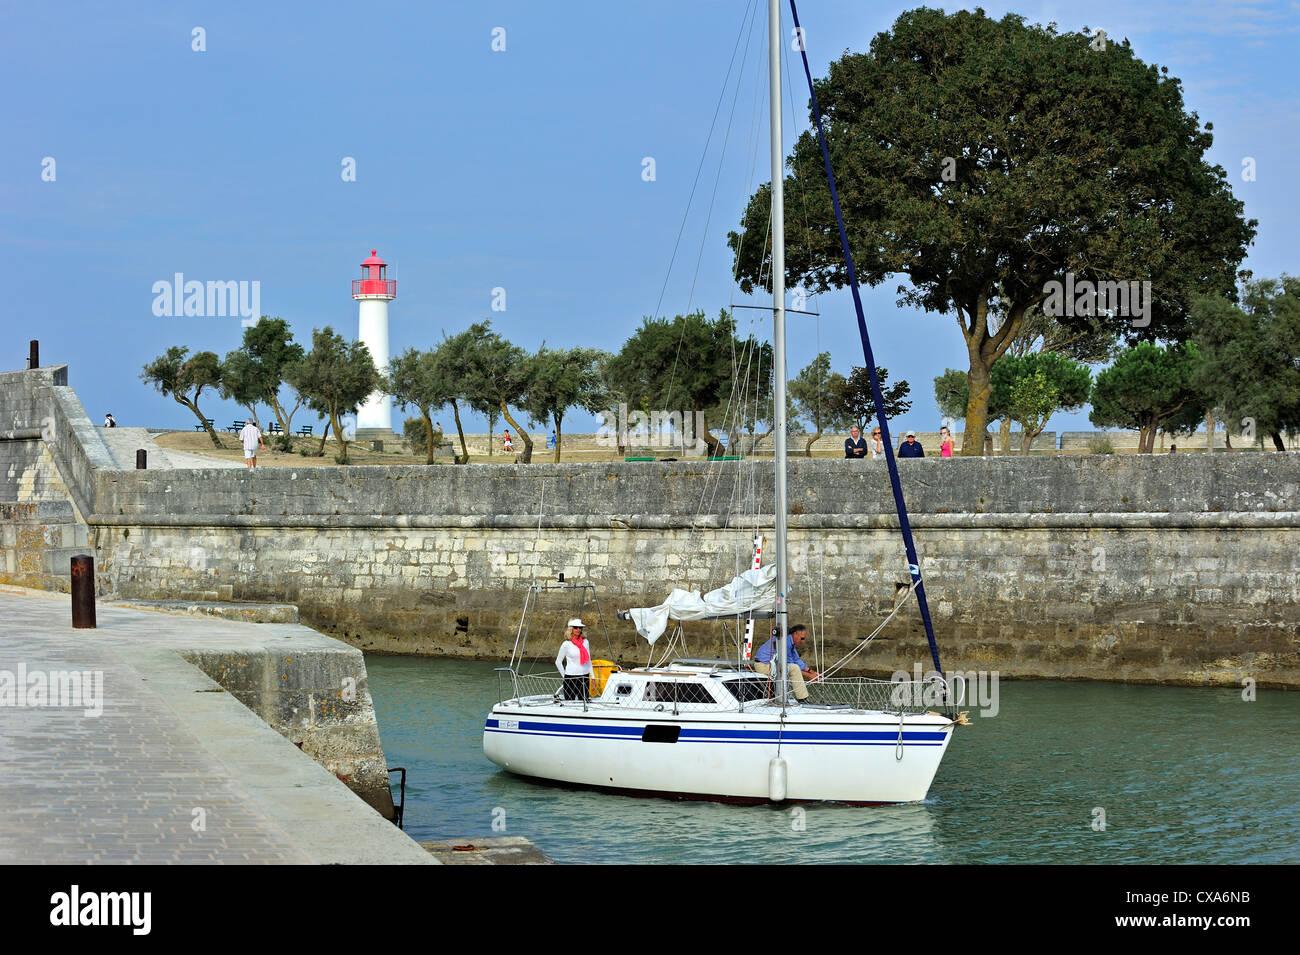 Sailing boat entering the port of Saint-Martin-de-Ré on the island Ile de Ré, Charente Maritime, Poitou-Charentes, Stock Photo